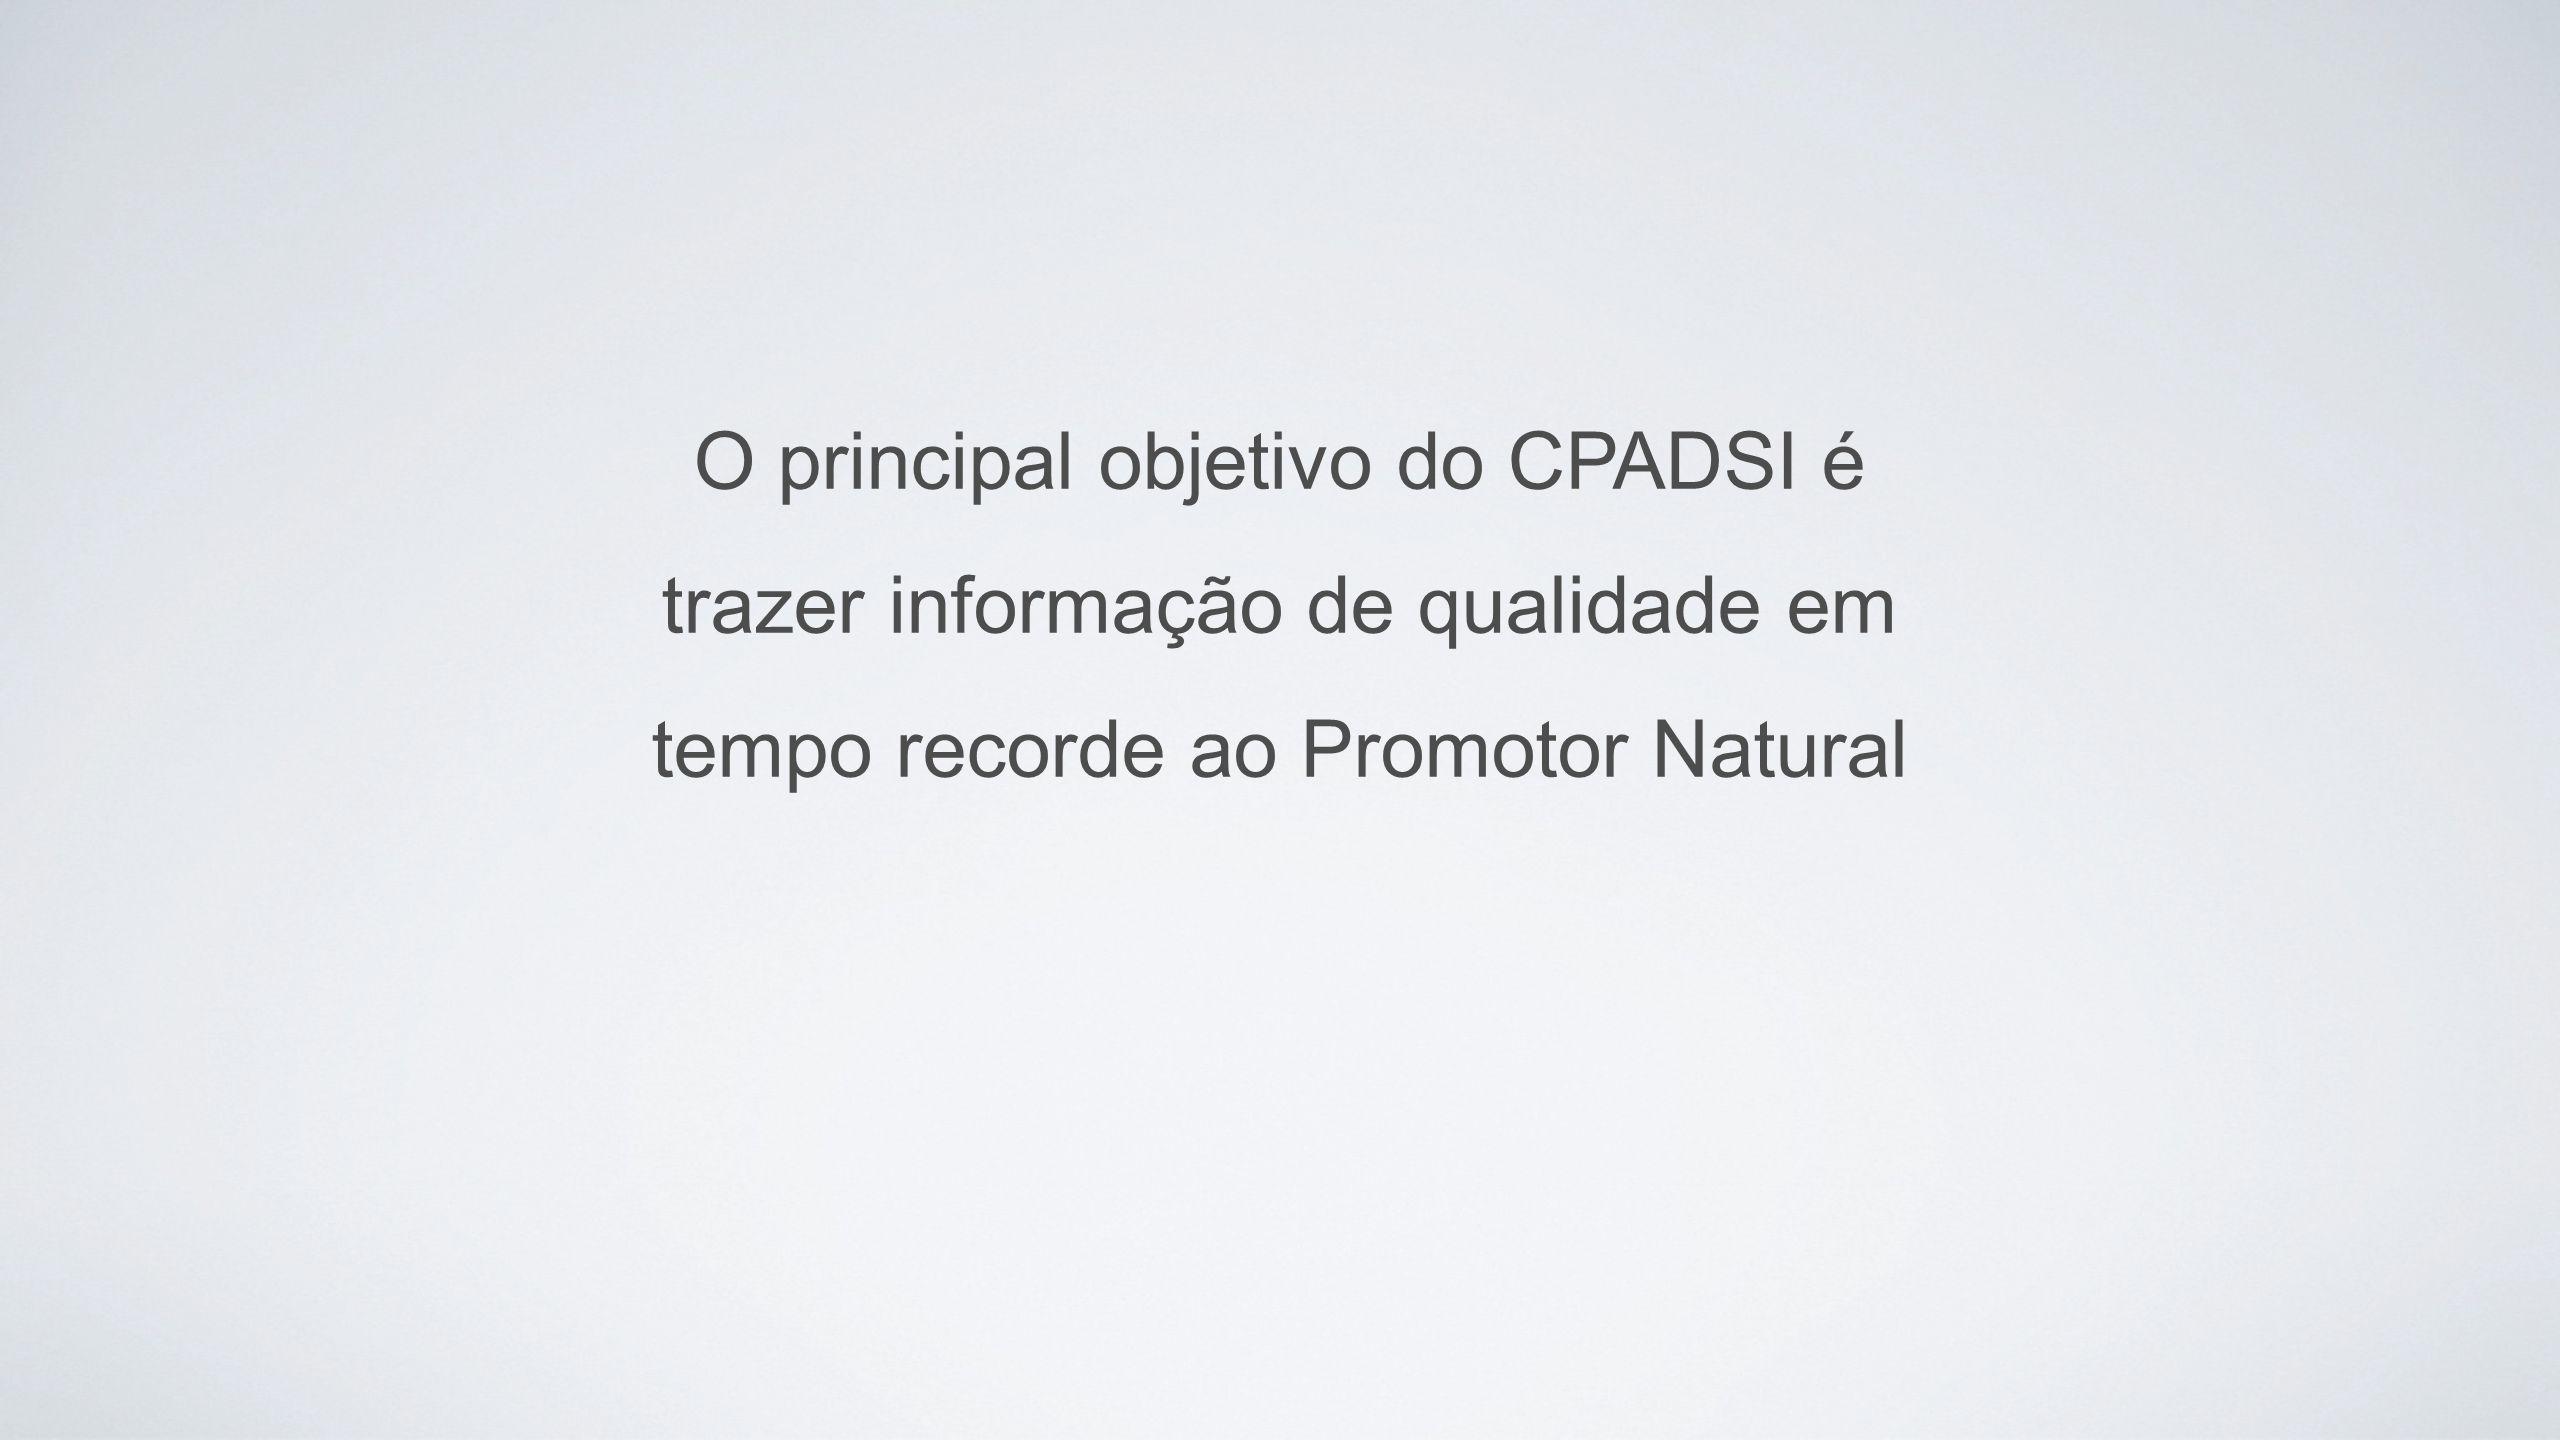 O principal objetivo do CPADSI é trazer informação de qualidade em tempo recorde ao Promotor Natural